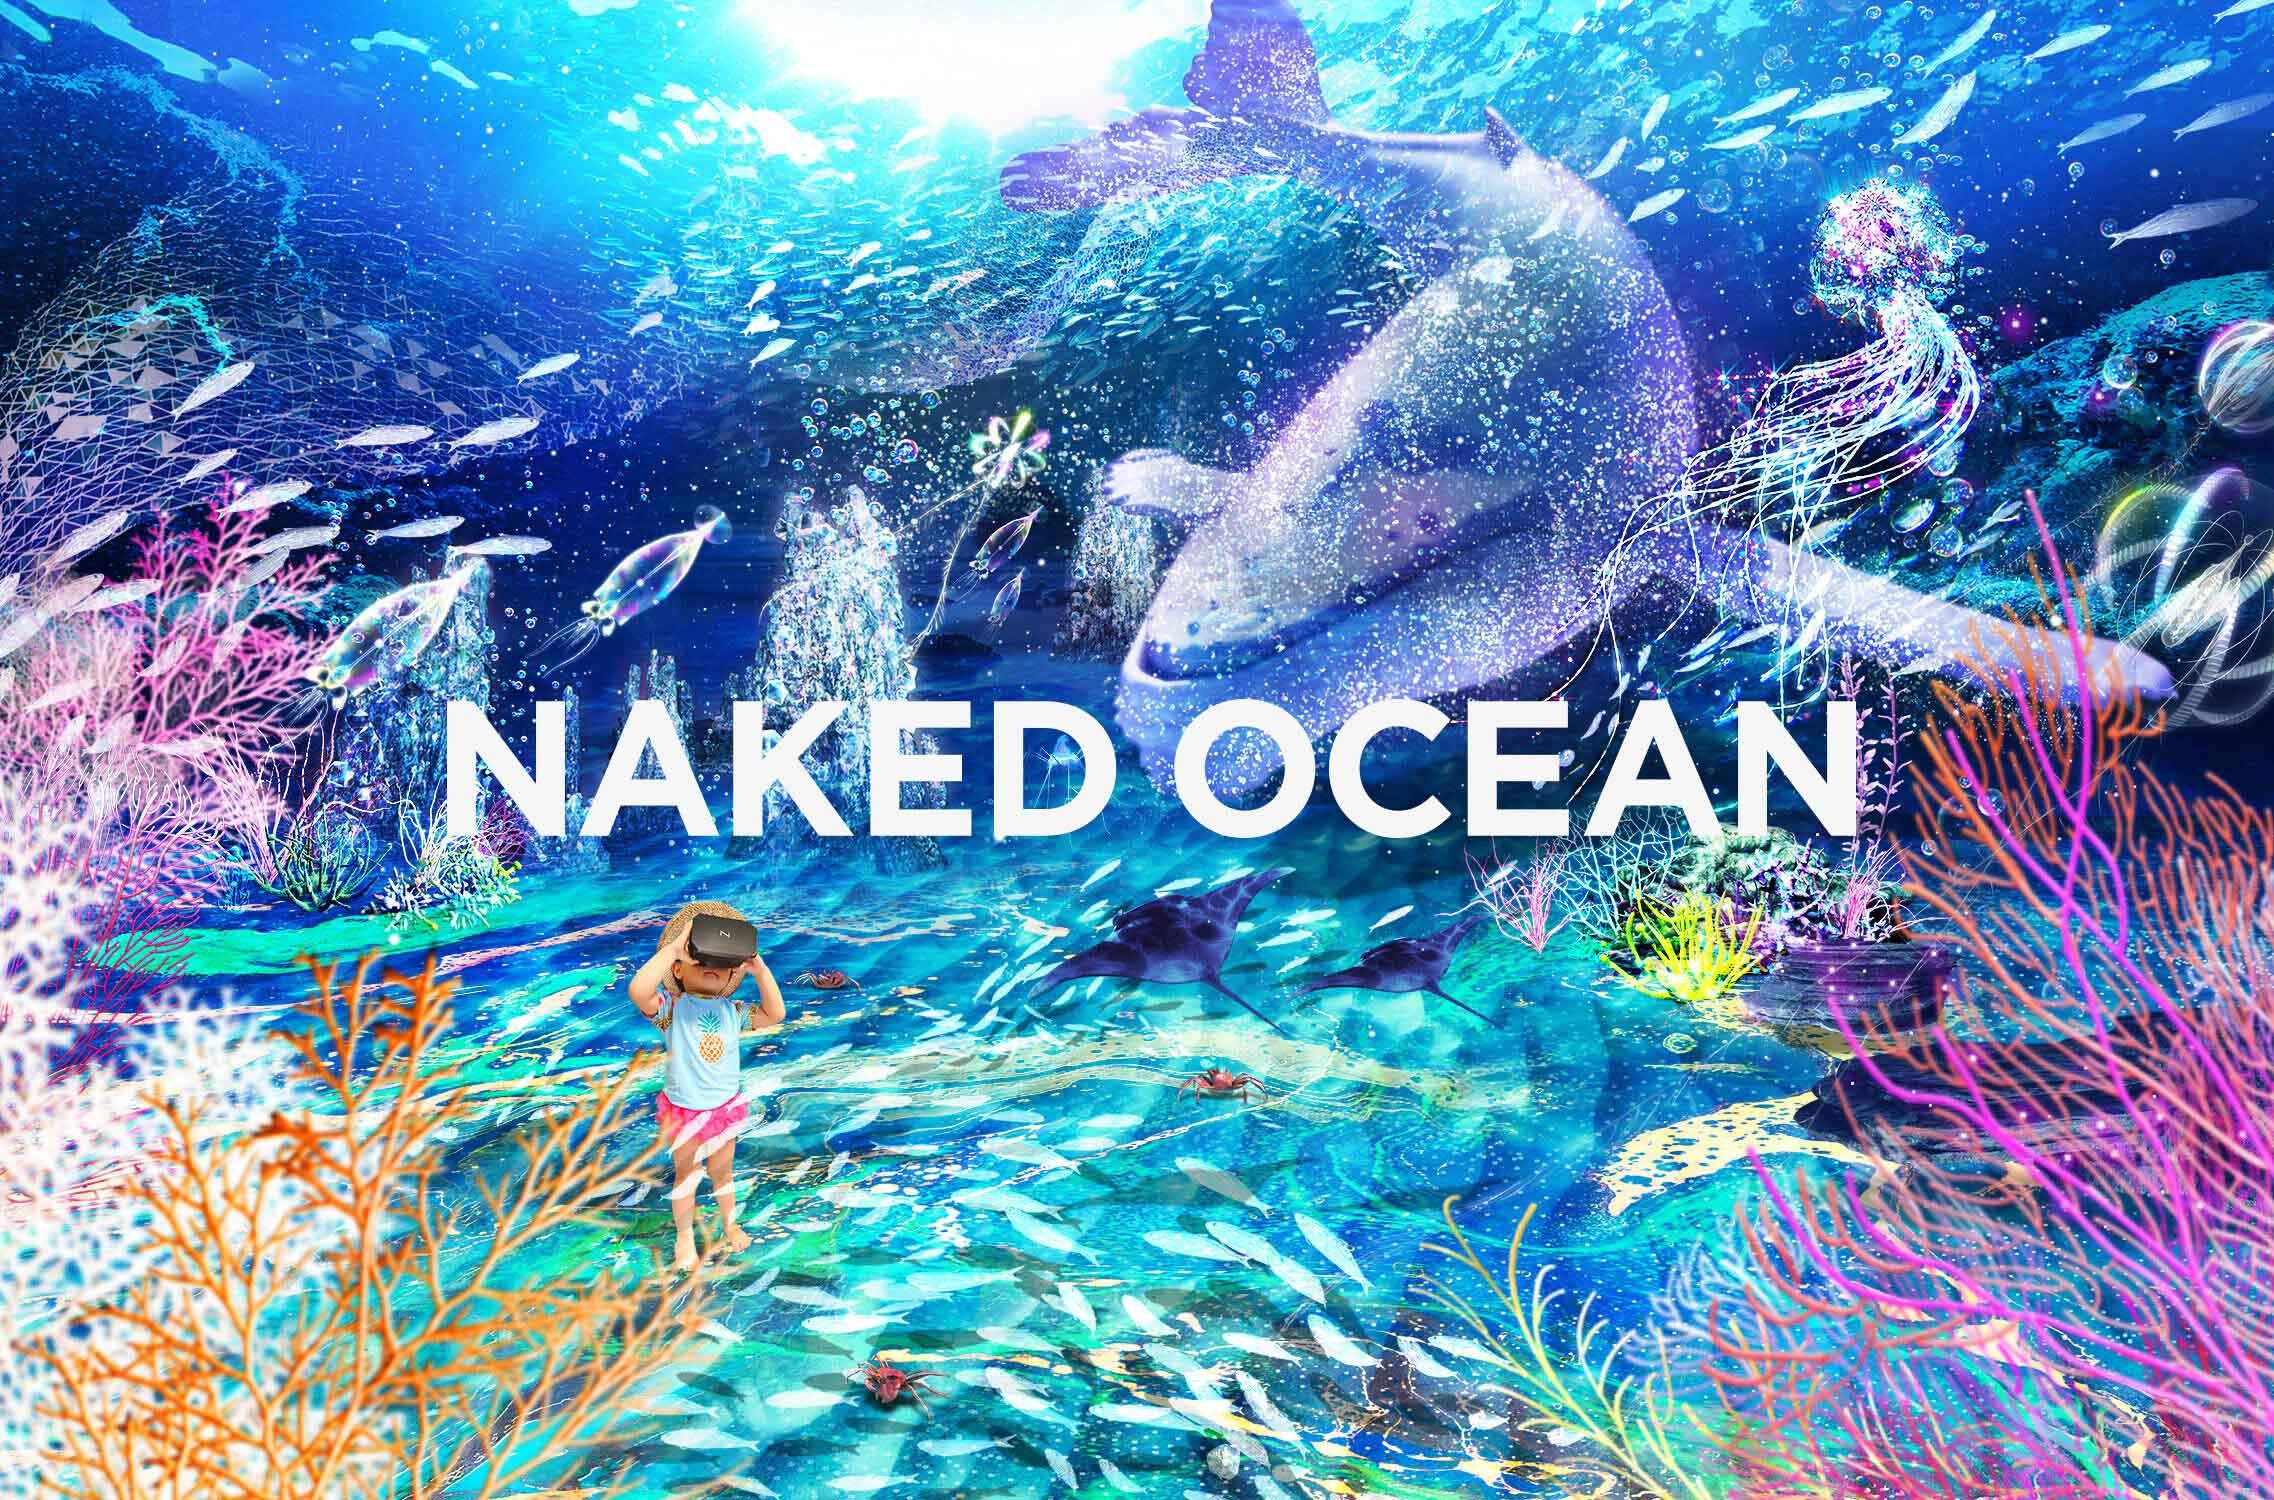 【NAKED, INC. VR】NAKED OCEAN